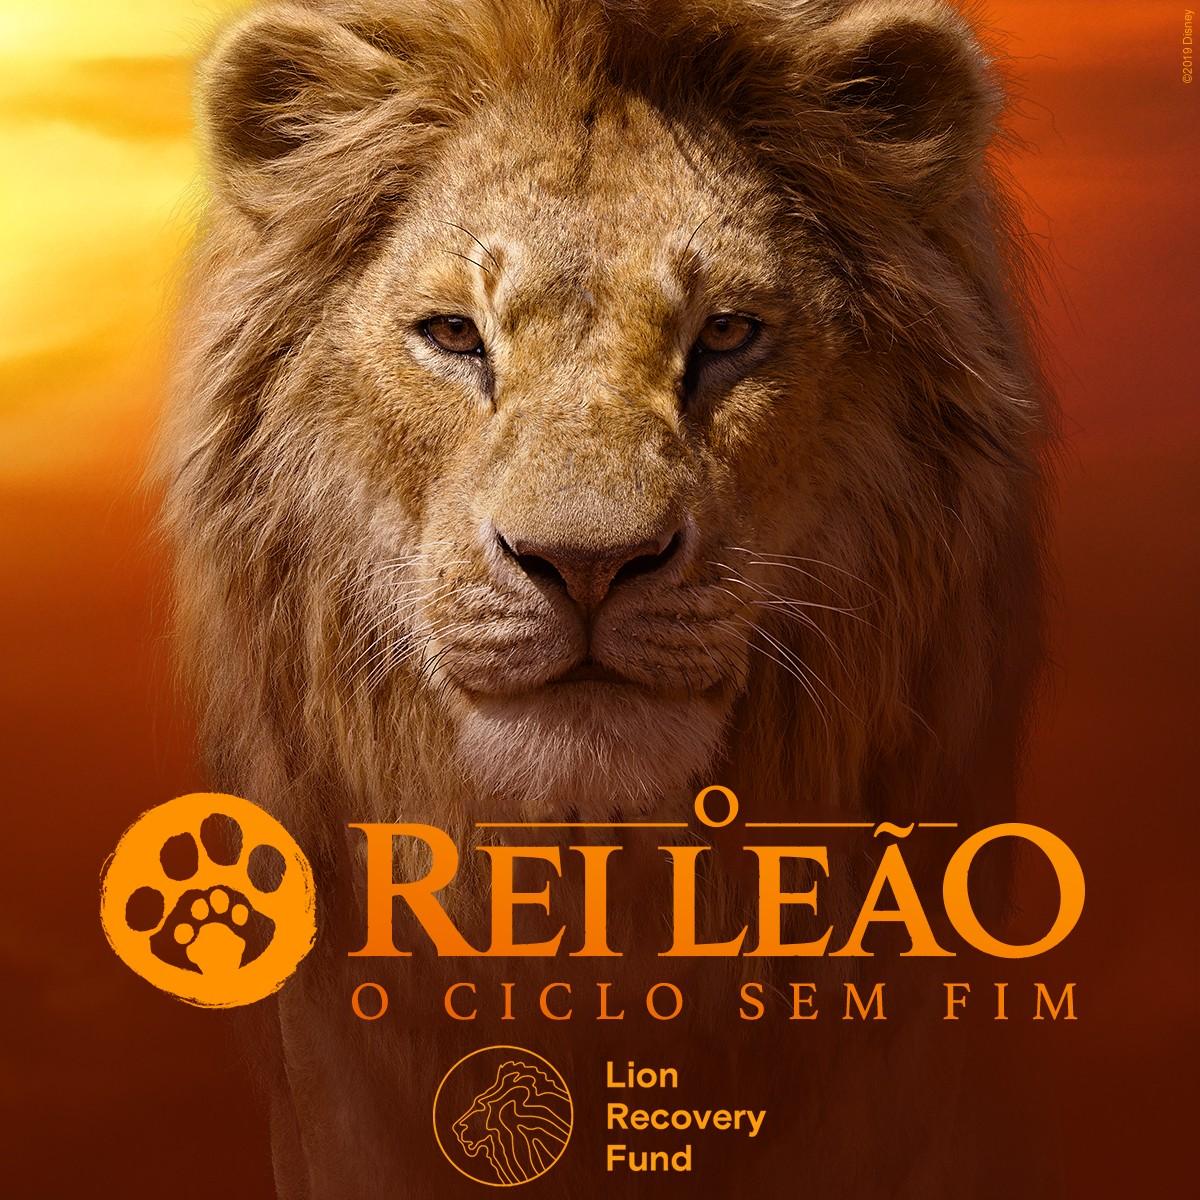 Campanha da Disney em prol dos leões fica disponível até 14 de agosto (Foto: Divulgação/Disney)